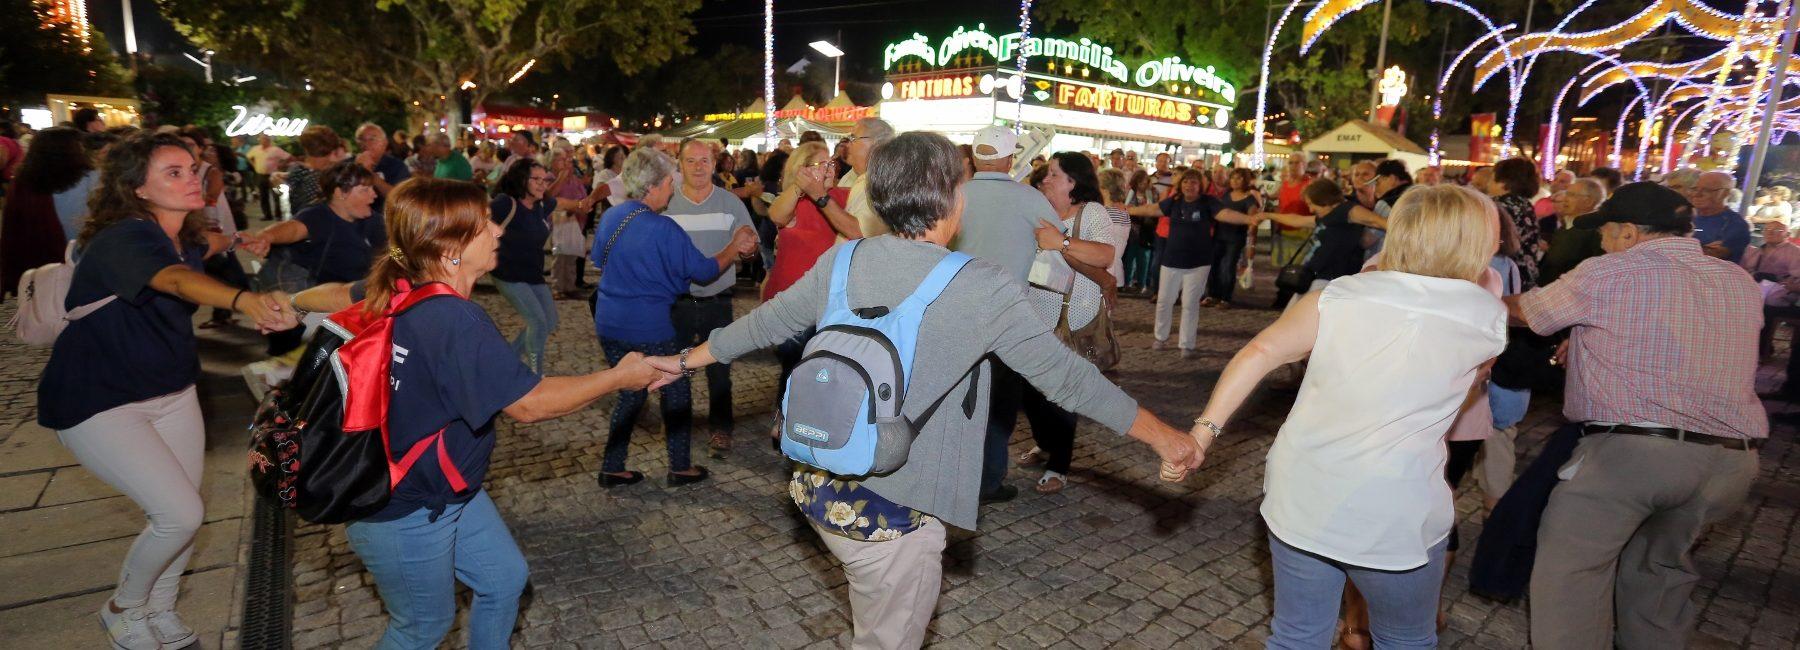 700 seniores da Lousã participaram no passeio a São Pedro do Sul e Viseu